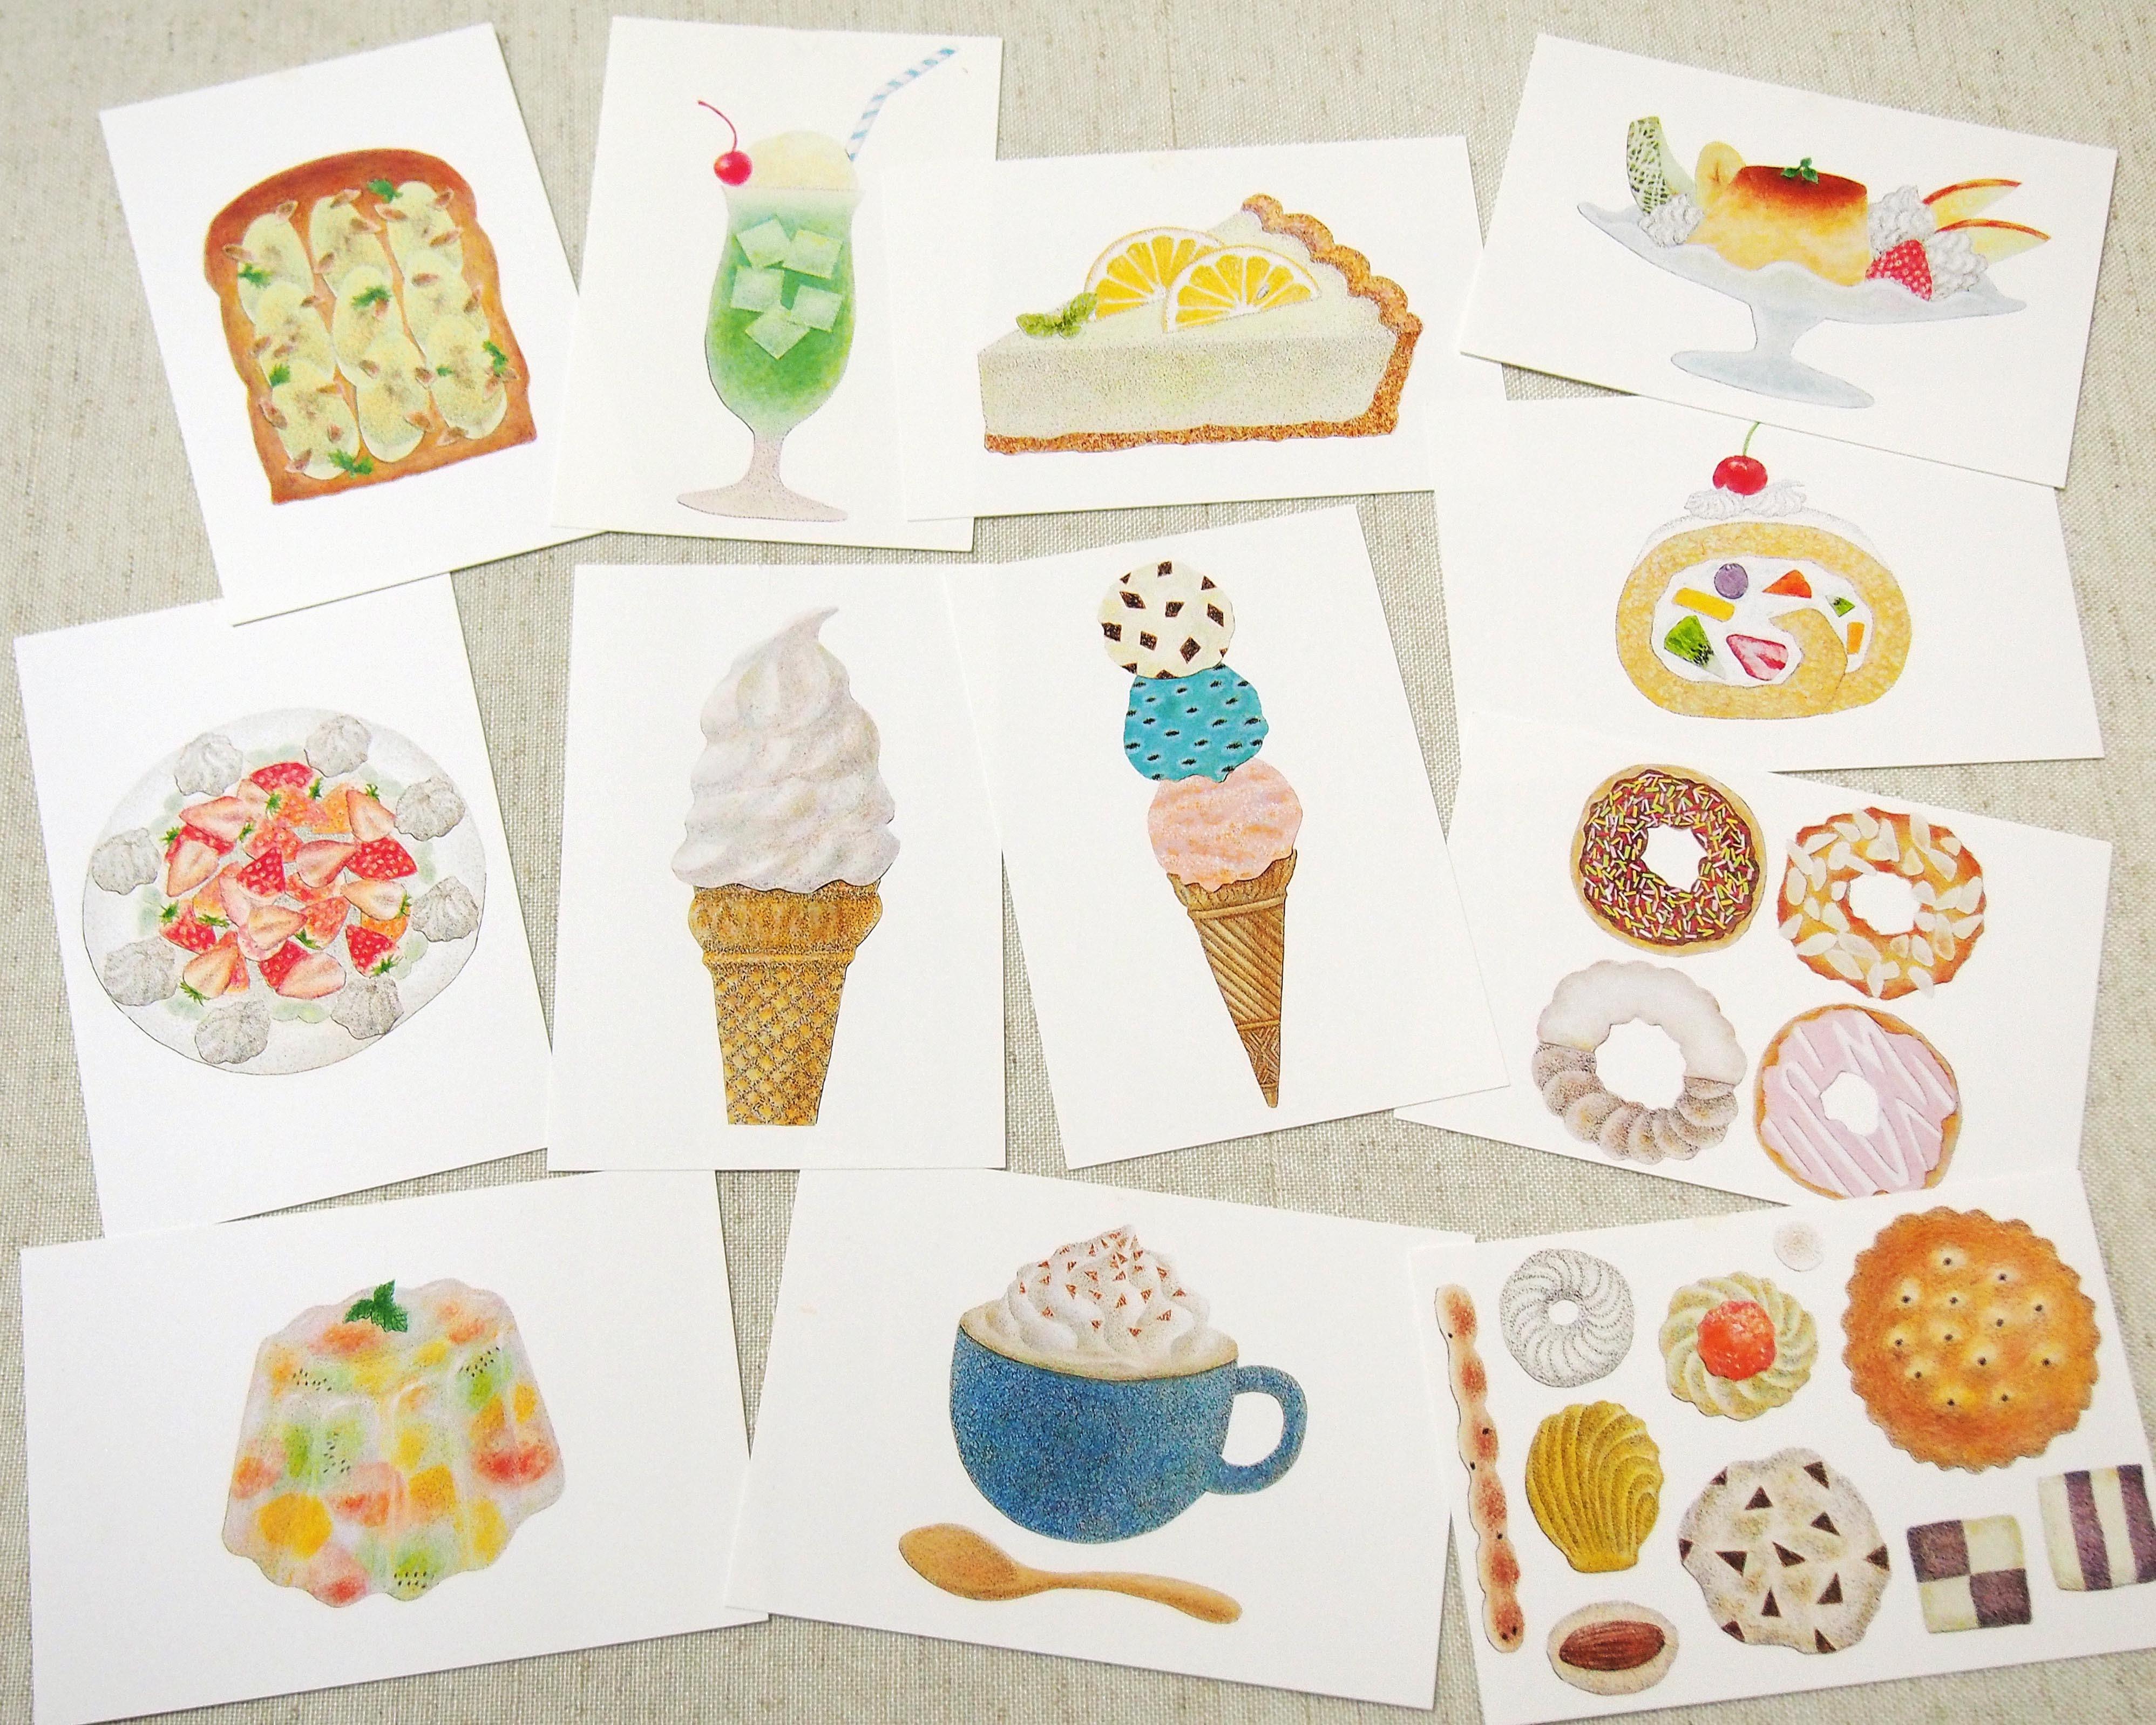 ポストカード 12枚セット *お菓子*